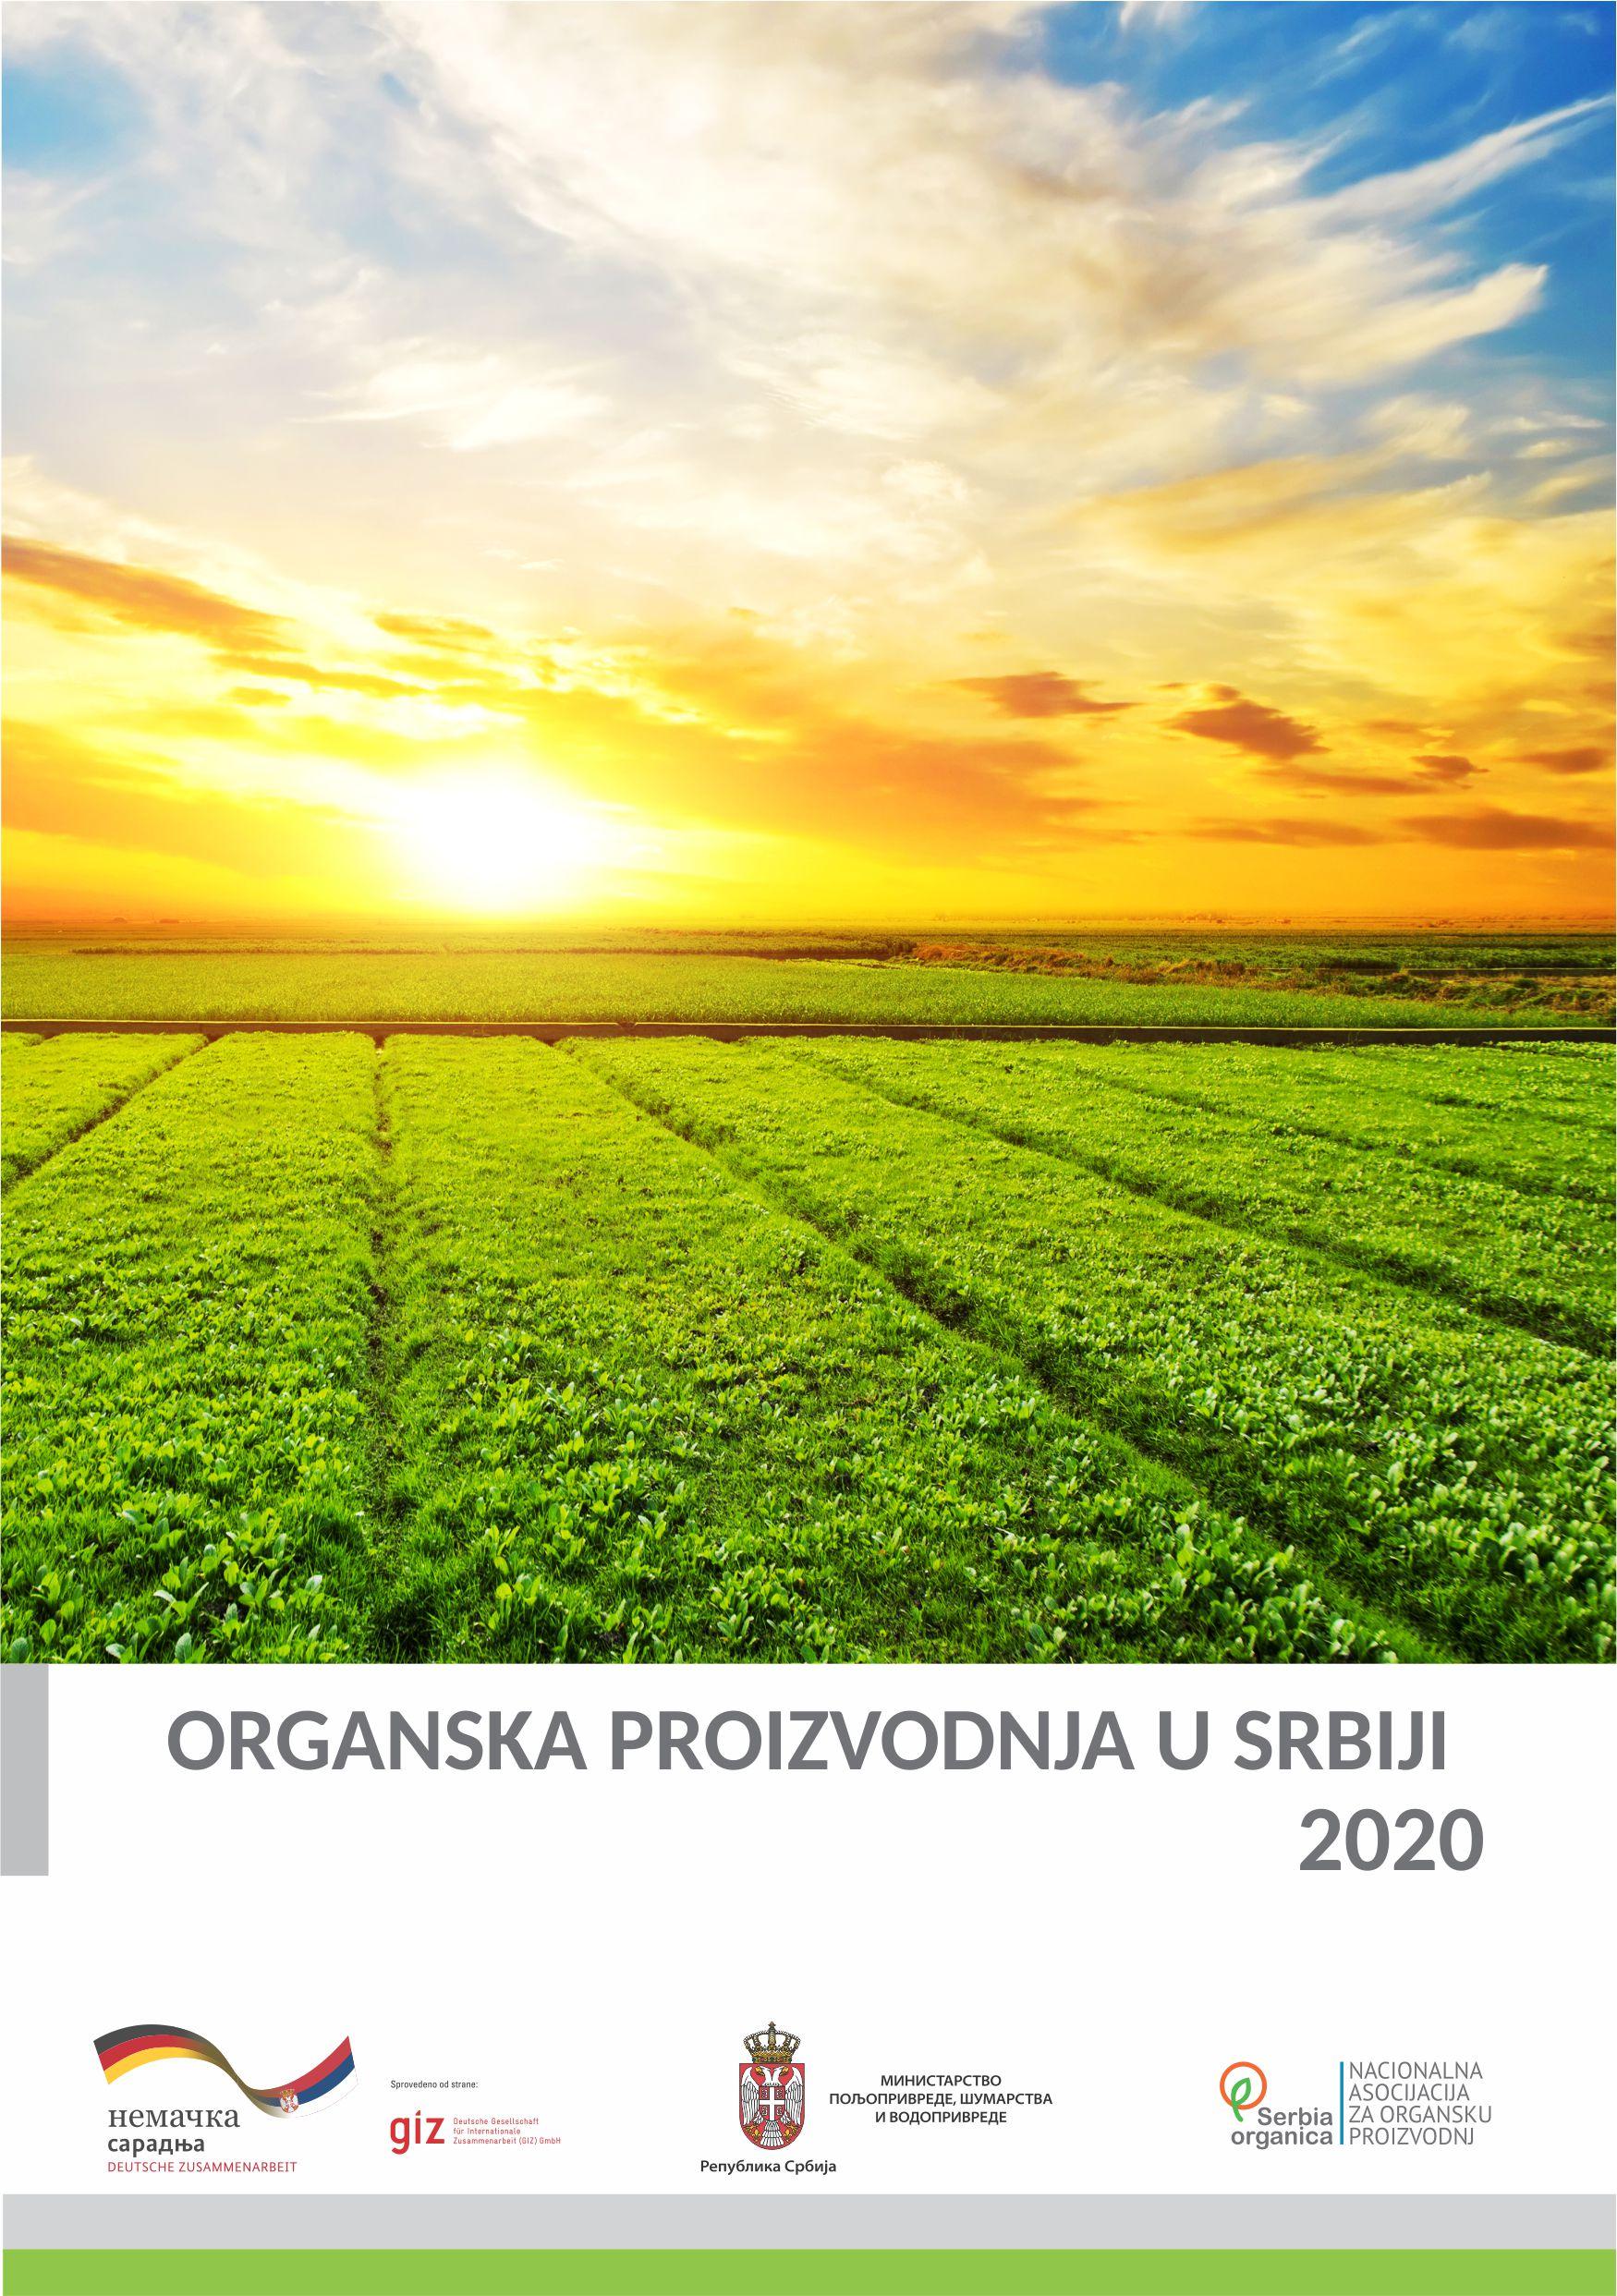 Organska proizvodnja u Srbiji 2020